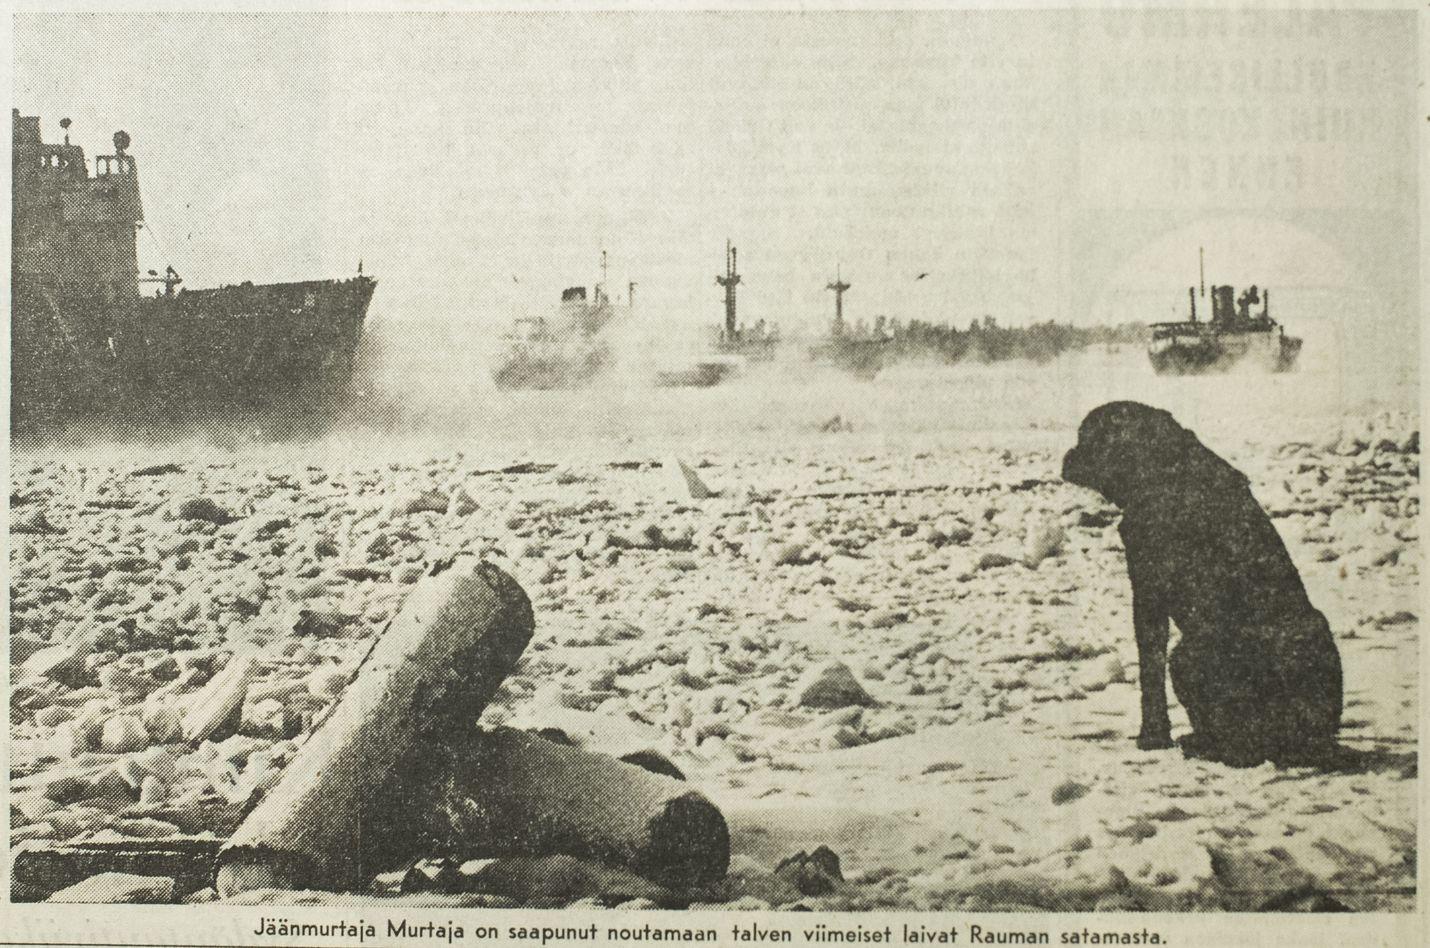 Näin toimittiin ennen. Jäänmurtaja Murtaja saapui 14. helmikuuta 1966 noutamaan talven viimeiset laivat Rauman satamasta.